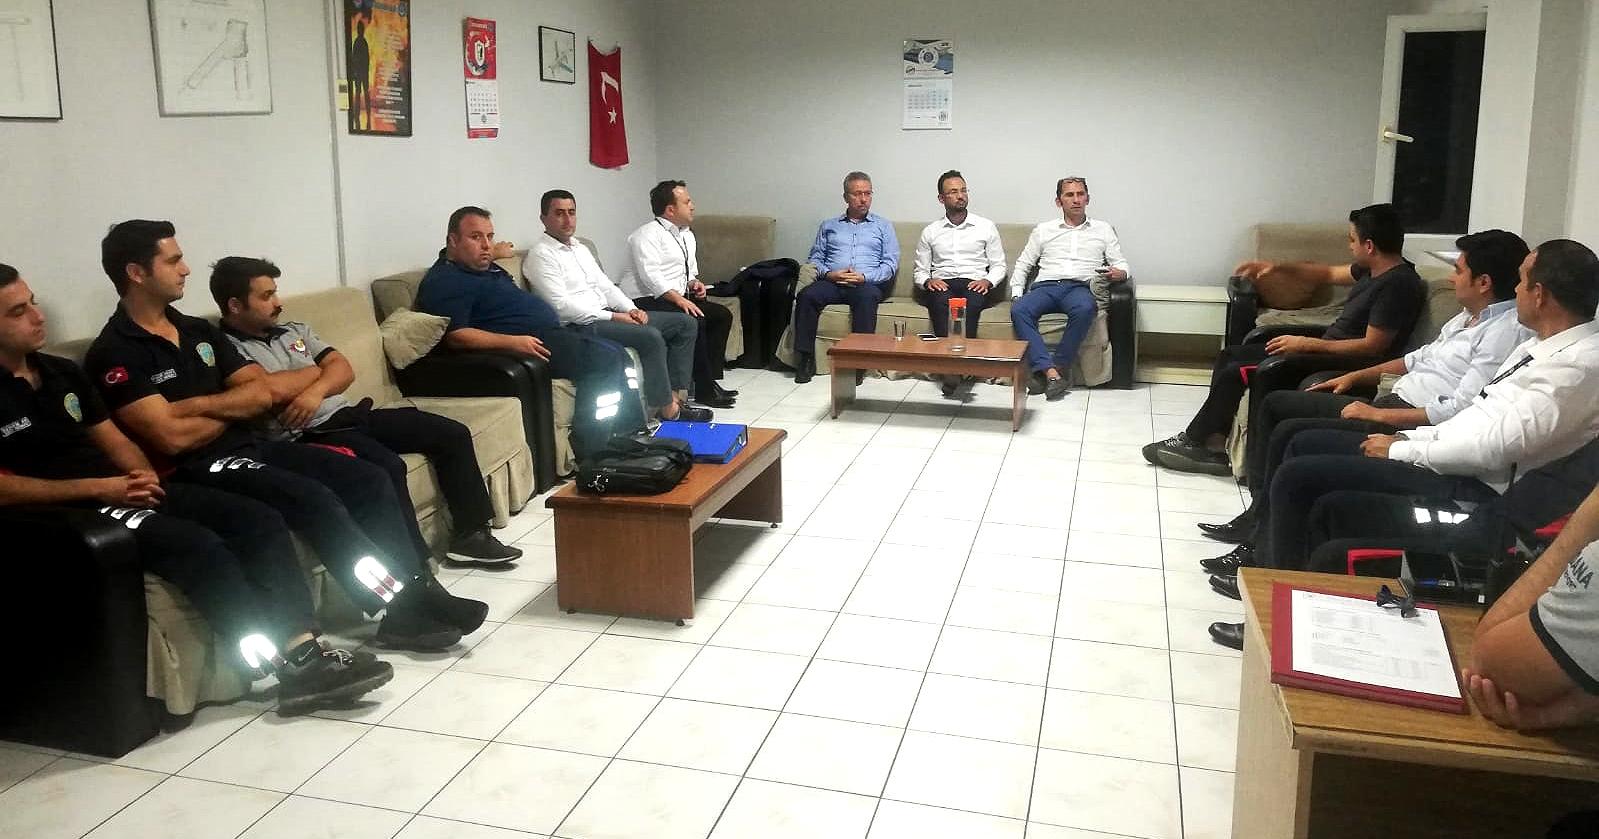 Genel Başkan Yardımcısı Murat Olgun, Adana, Hatay ve Kahramanmaraş Havalimanlarında çalışanlarla buluştu